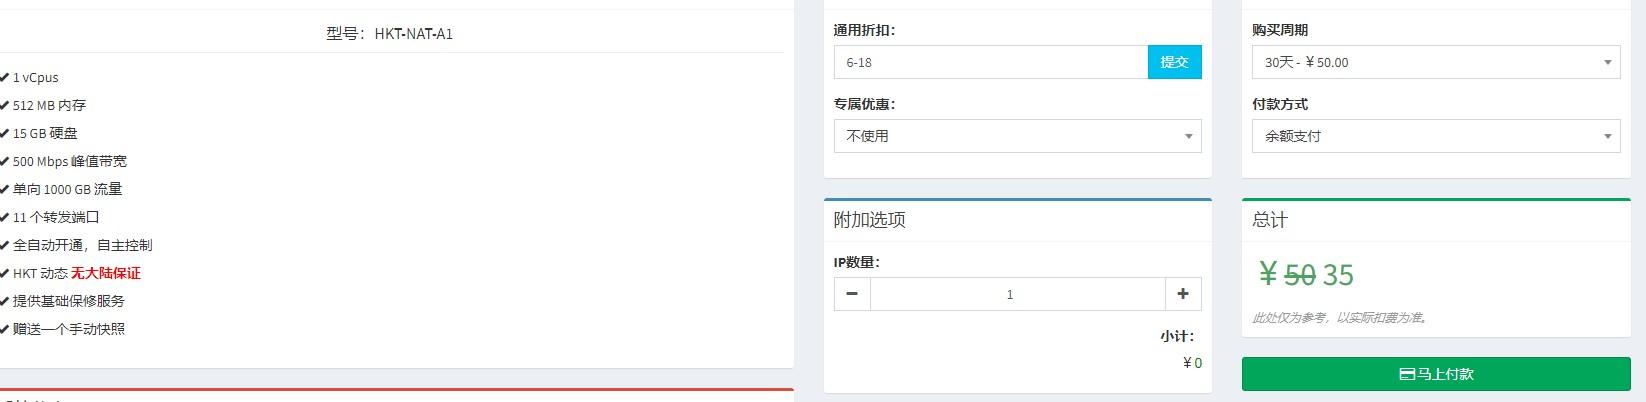 修罗云:全场85折,香港HKT/杭州VDS/徐州VDS/上海CN2等KVM VPS